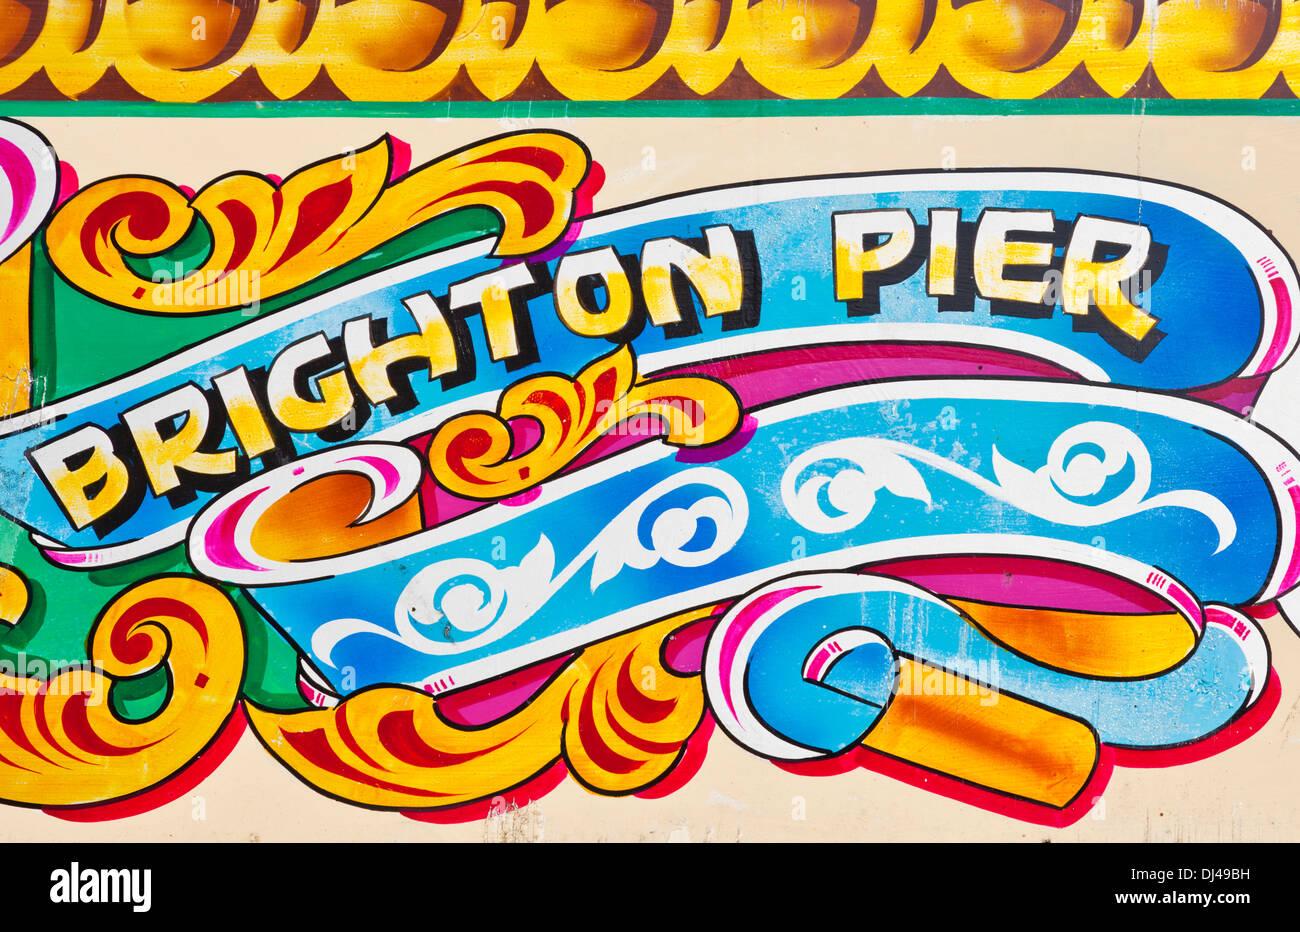 Brighton pier painted sign brighton palace pier brighton west sussex england uk gb eu europe - Stock Image